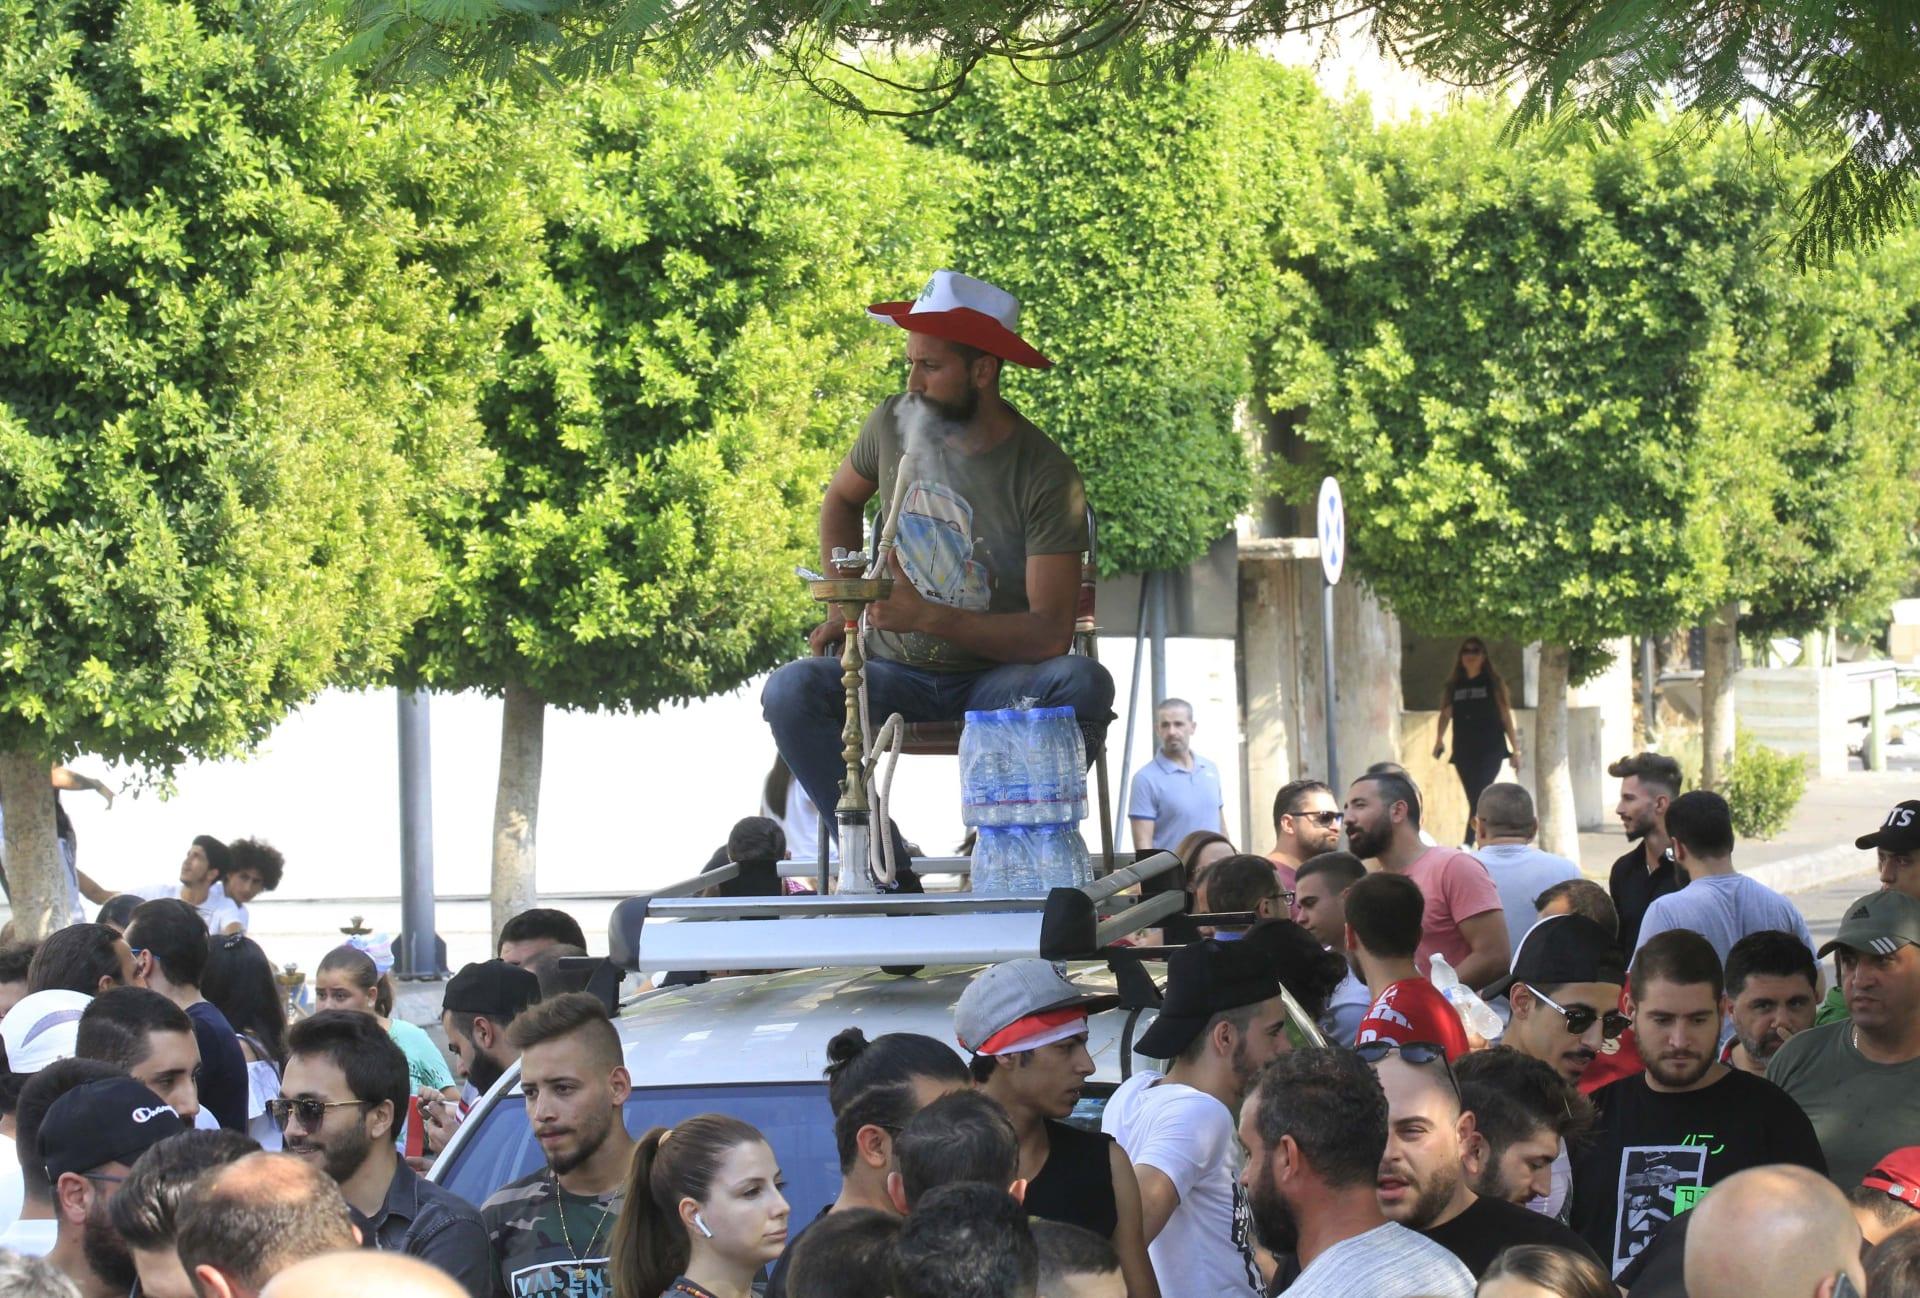 شاب يدخن النرجيلة في صيدا أثناء الاحتجاجات التي تشهدها البلاد